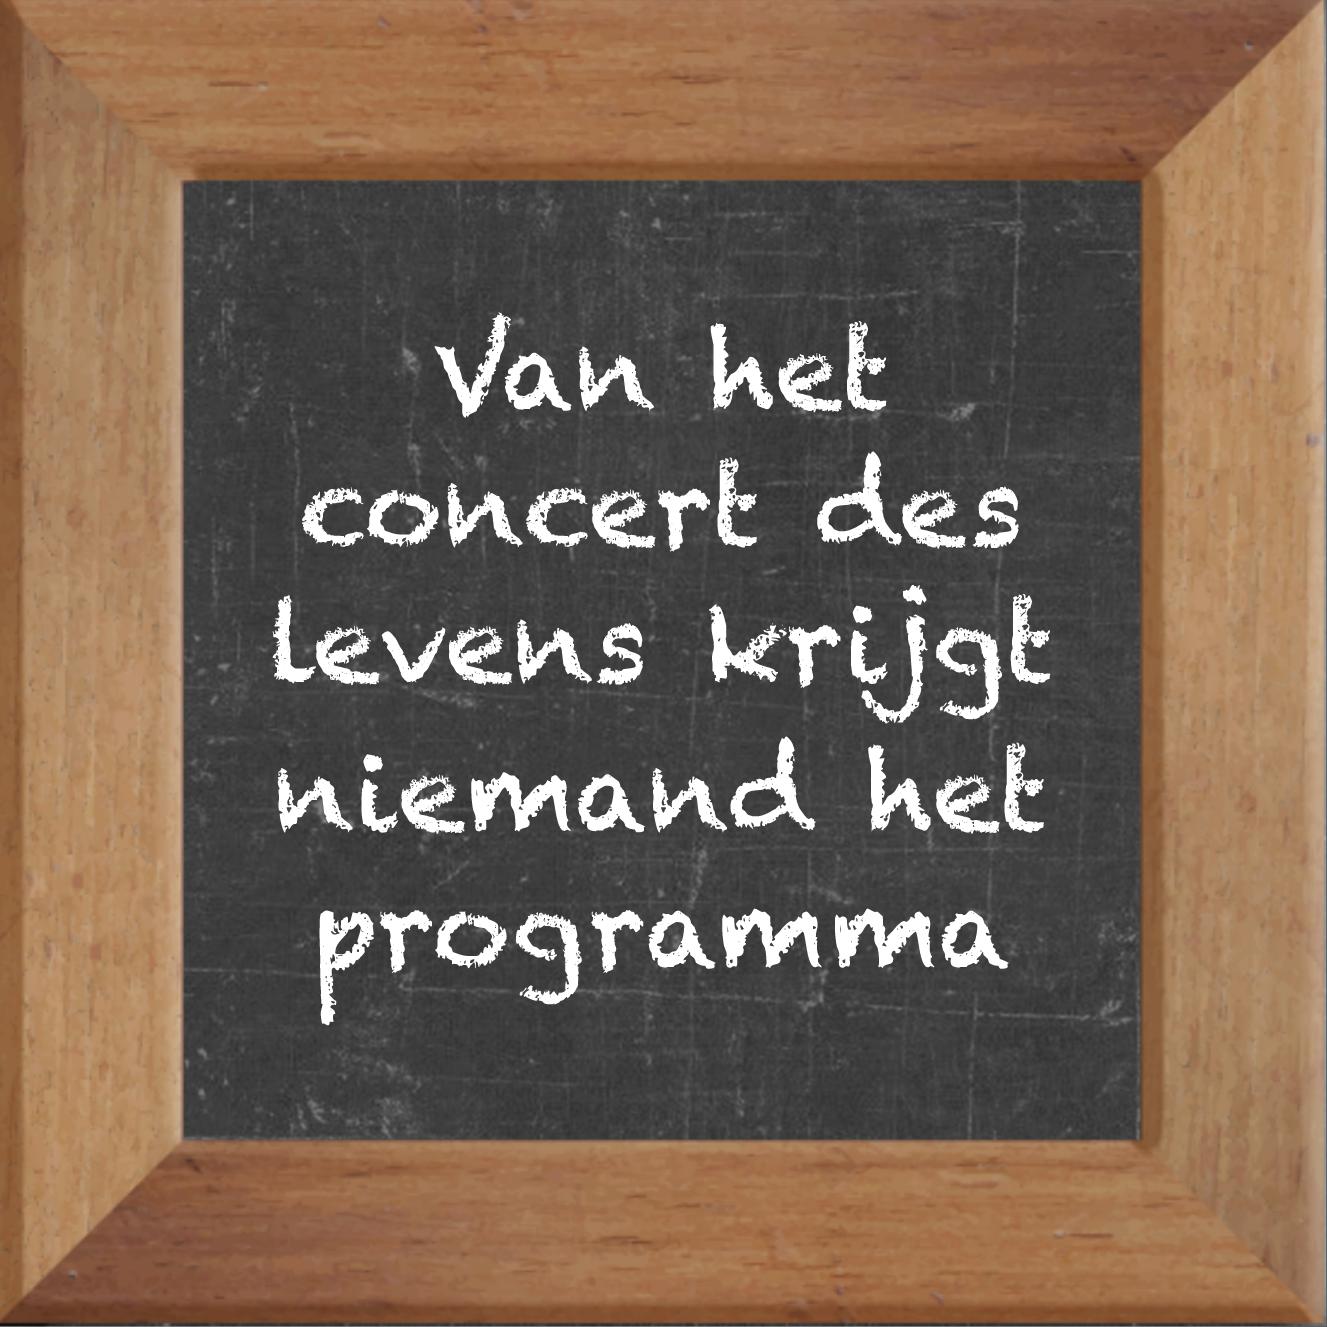 Wijsheden Op Krijtbord Tegel Over Levenspreuken Met Spreuk Van Het Concert Des Levens Krijgt Niemand Het Programma